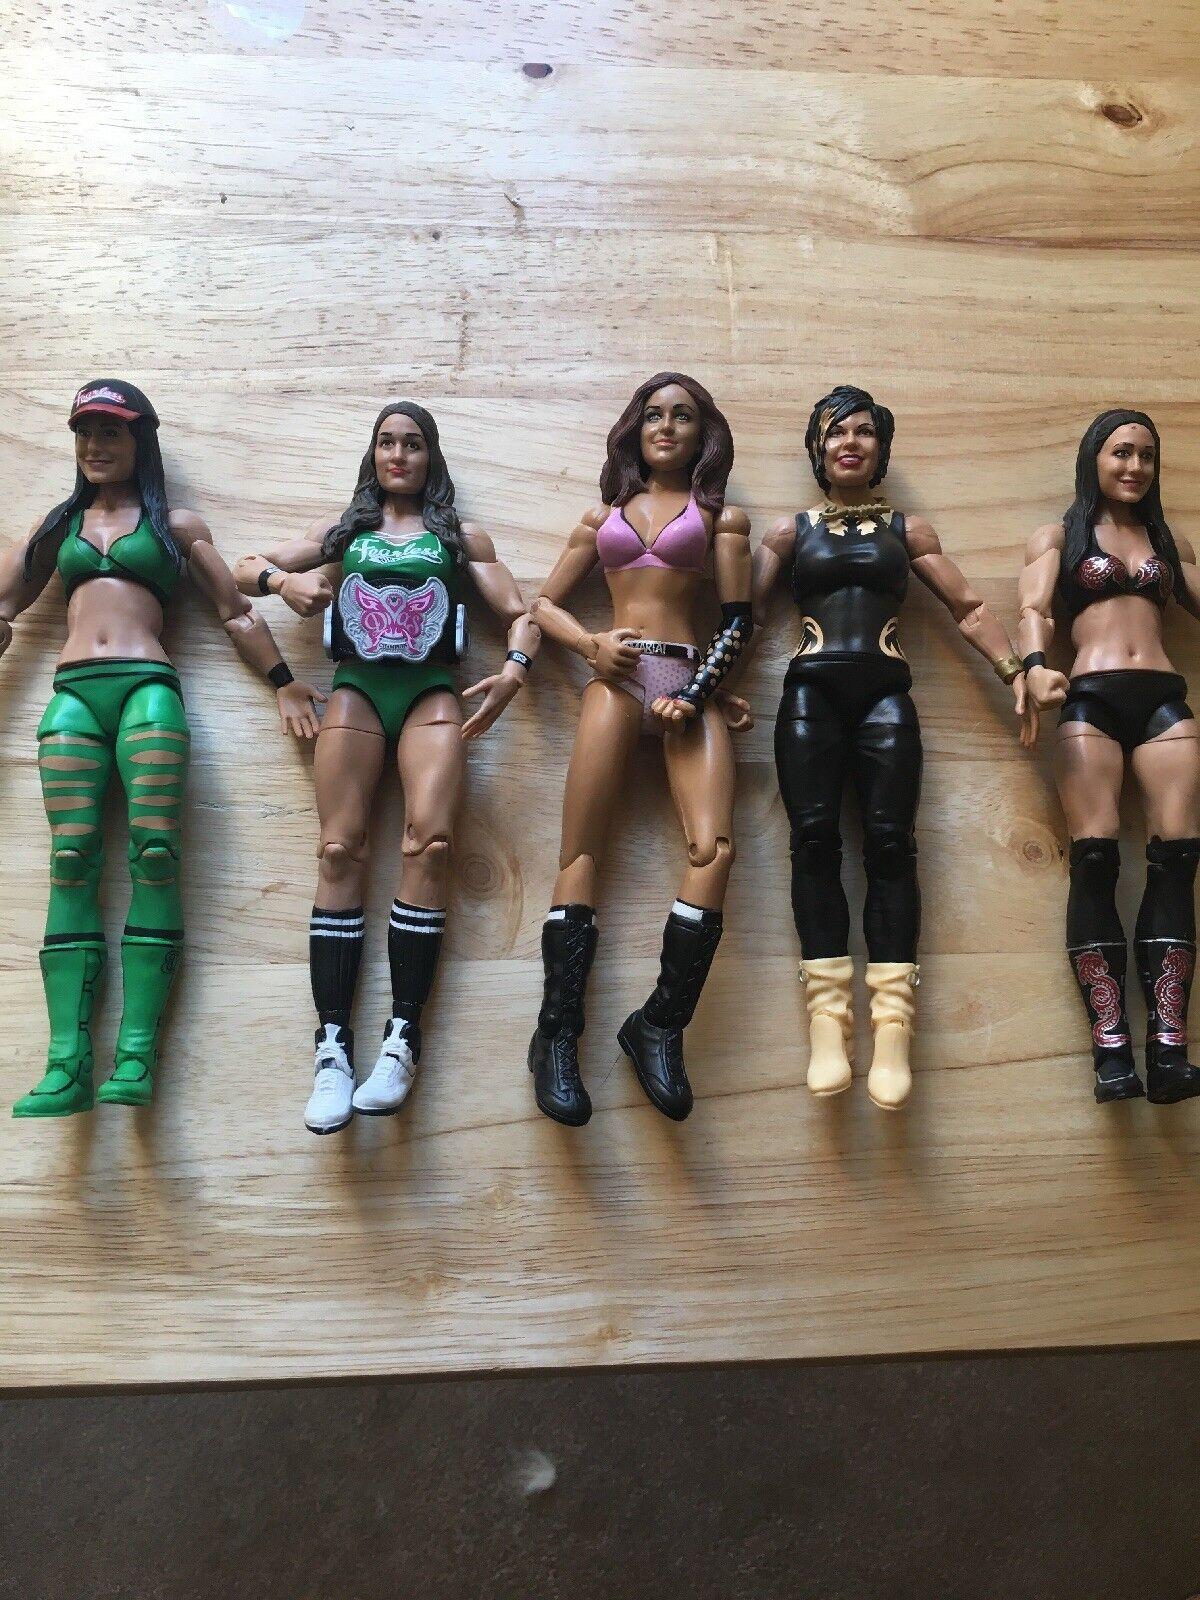 WWE Female Wrestler Figures - Lot - Rare